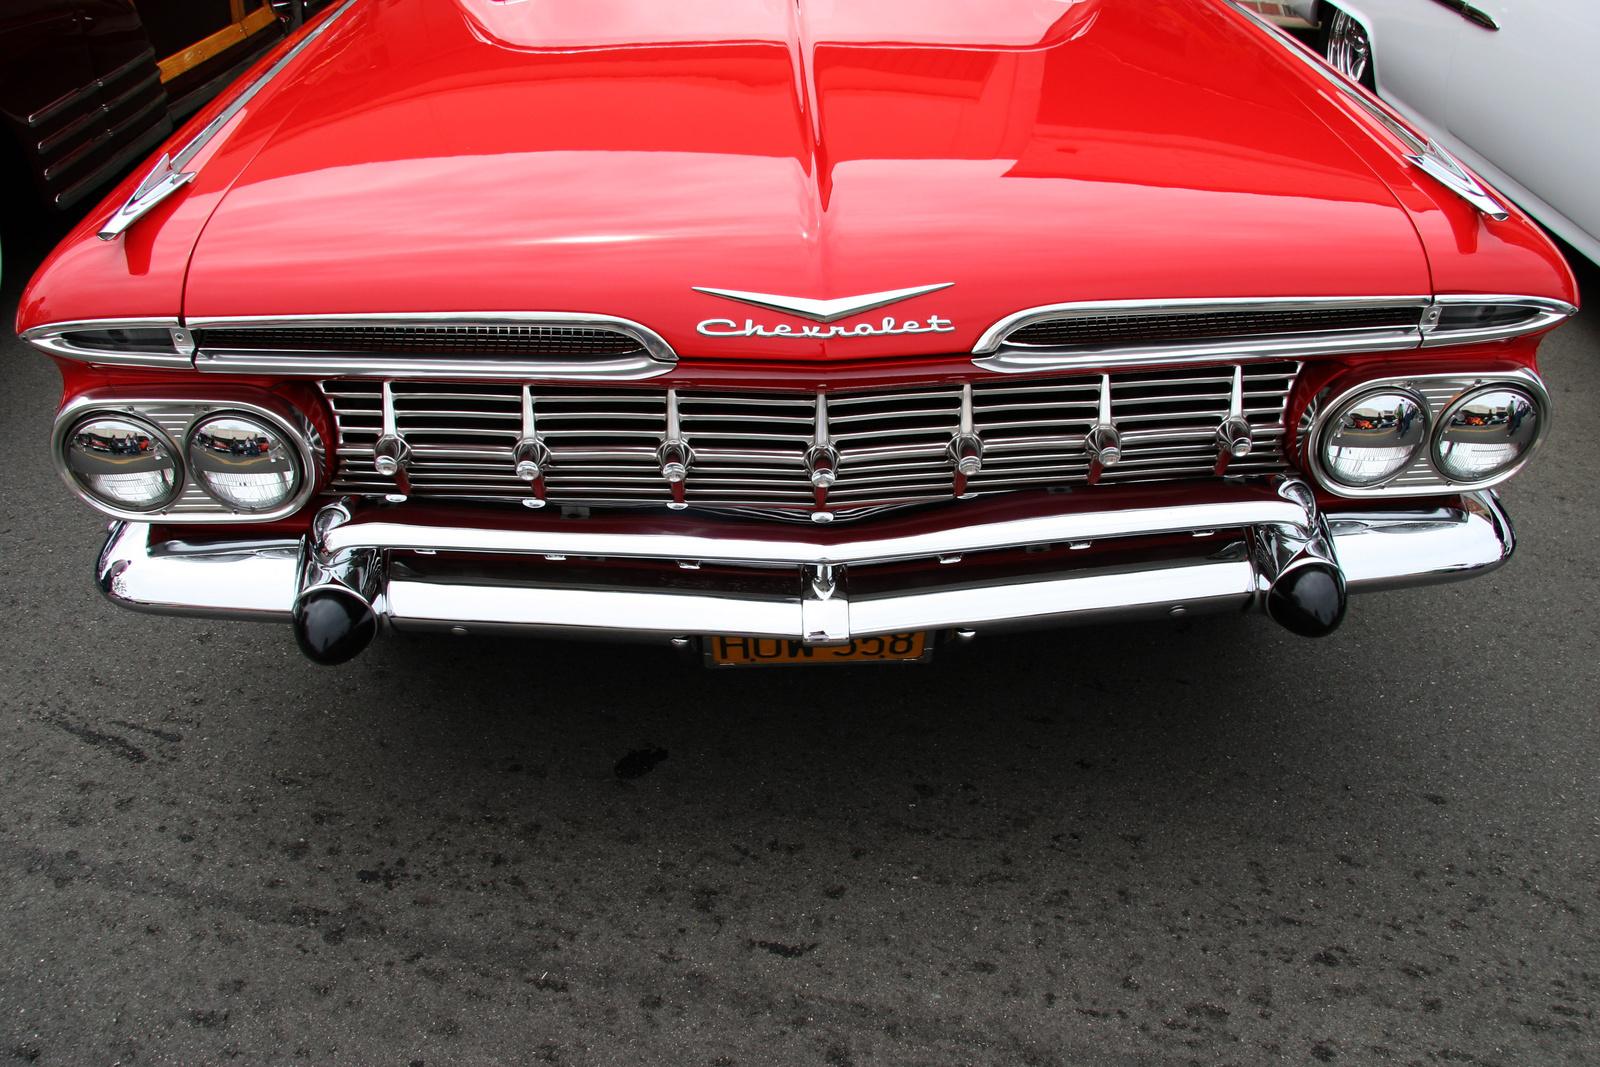 1959 Chevrolet Impala Pictures Cargurus